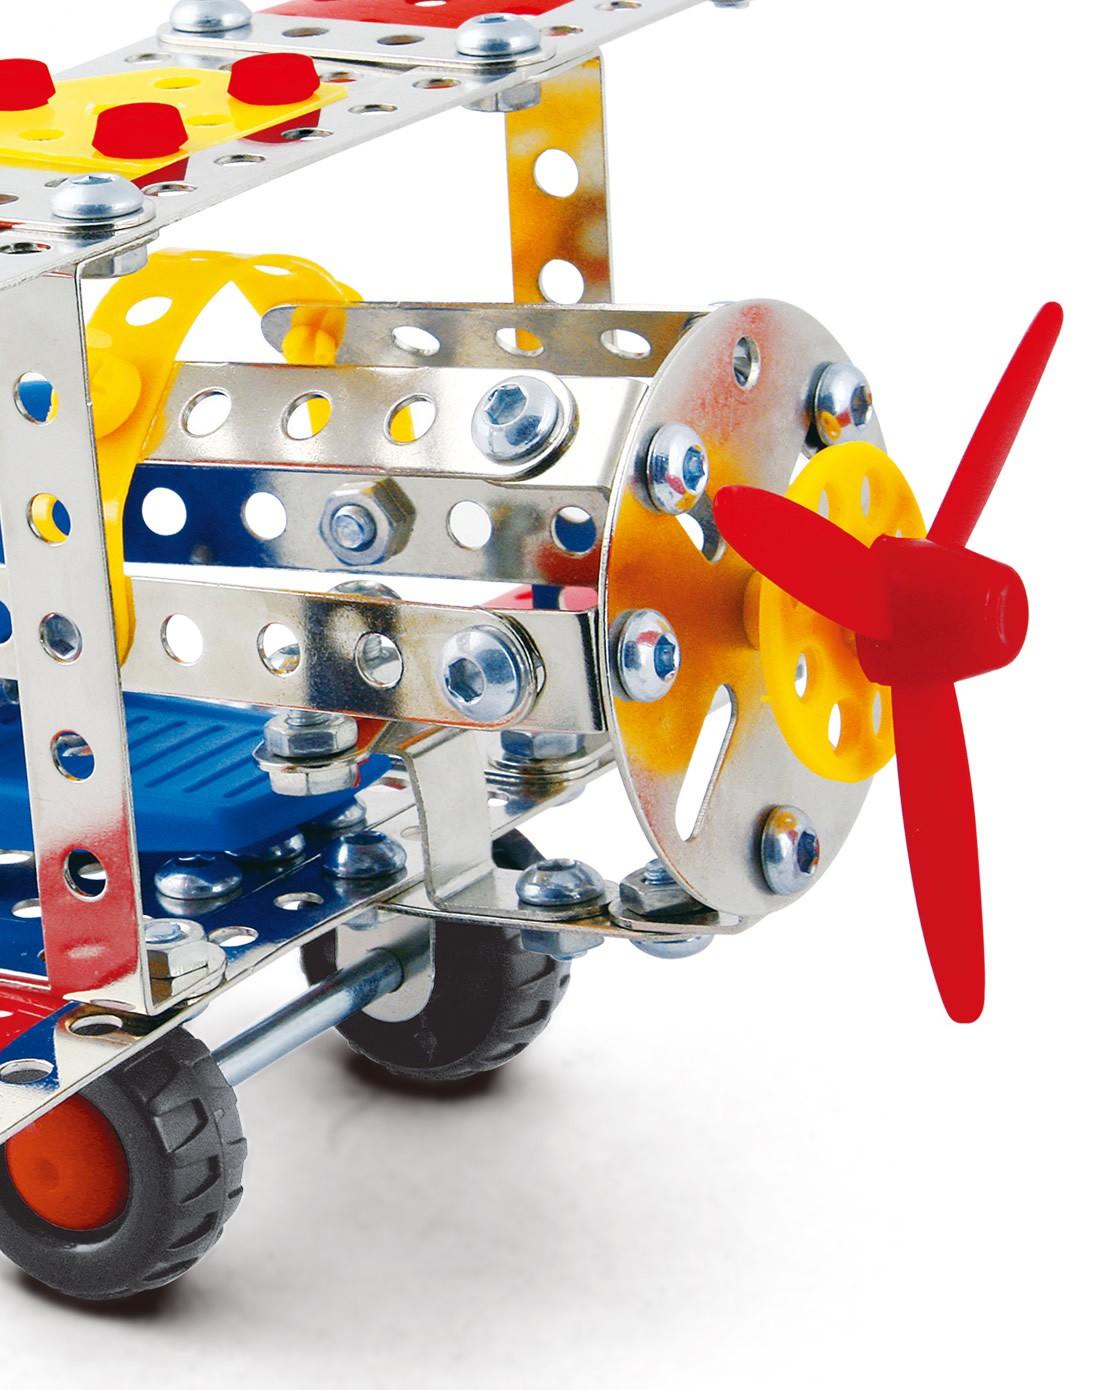 司马syma玩具假期疯狂购专场二战飞机i2088